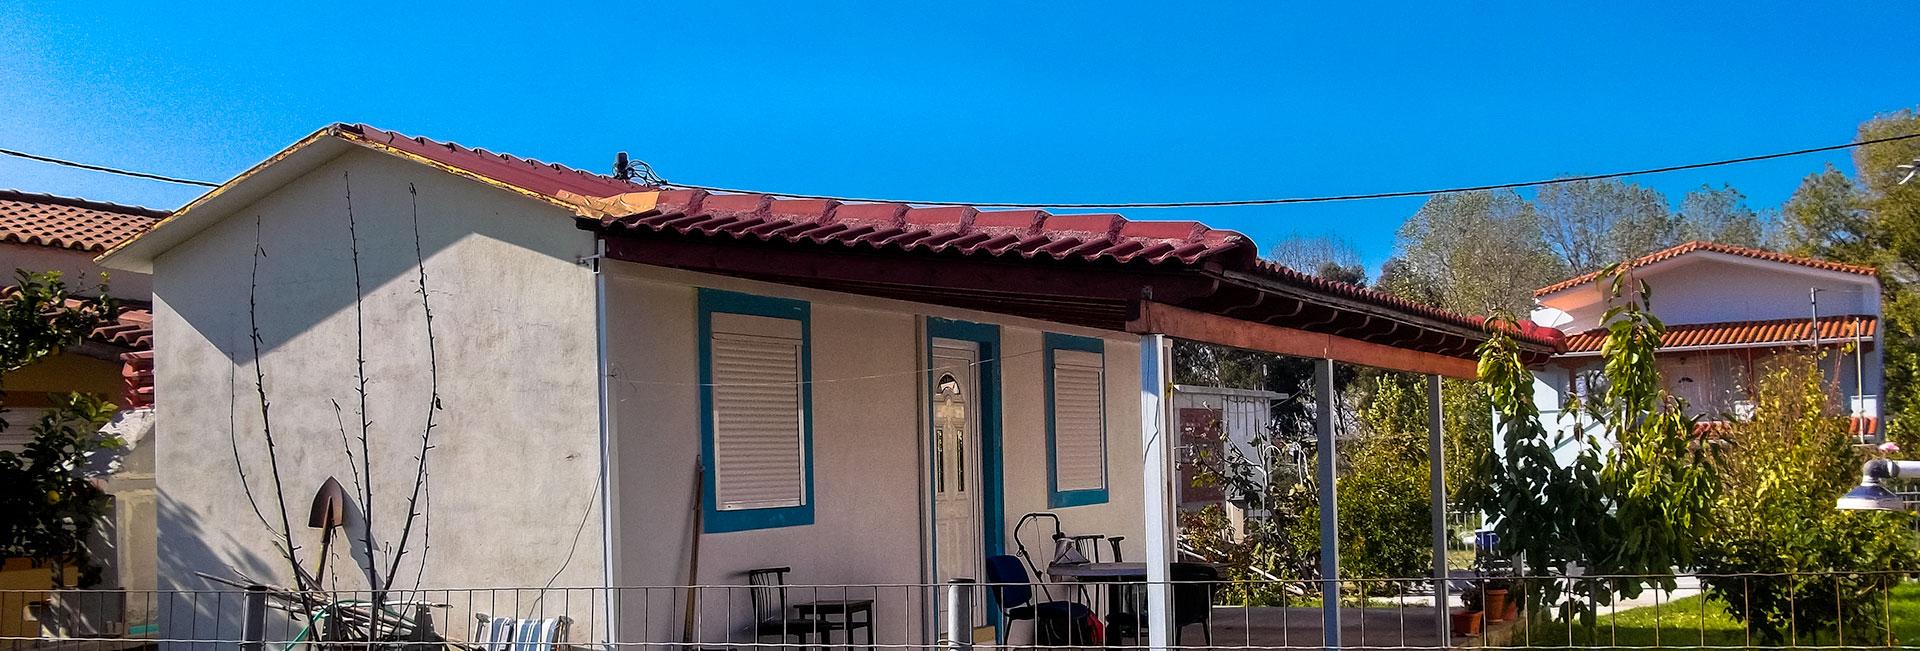 Λυόμενες Κατασκευές - Προκάτ Σπίτια Ήπειρος - Γεώργιος Χρυσοστόμου & Υιοί